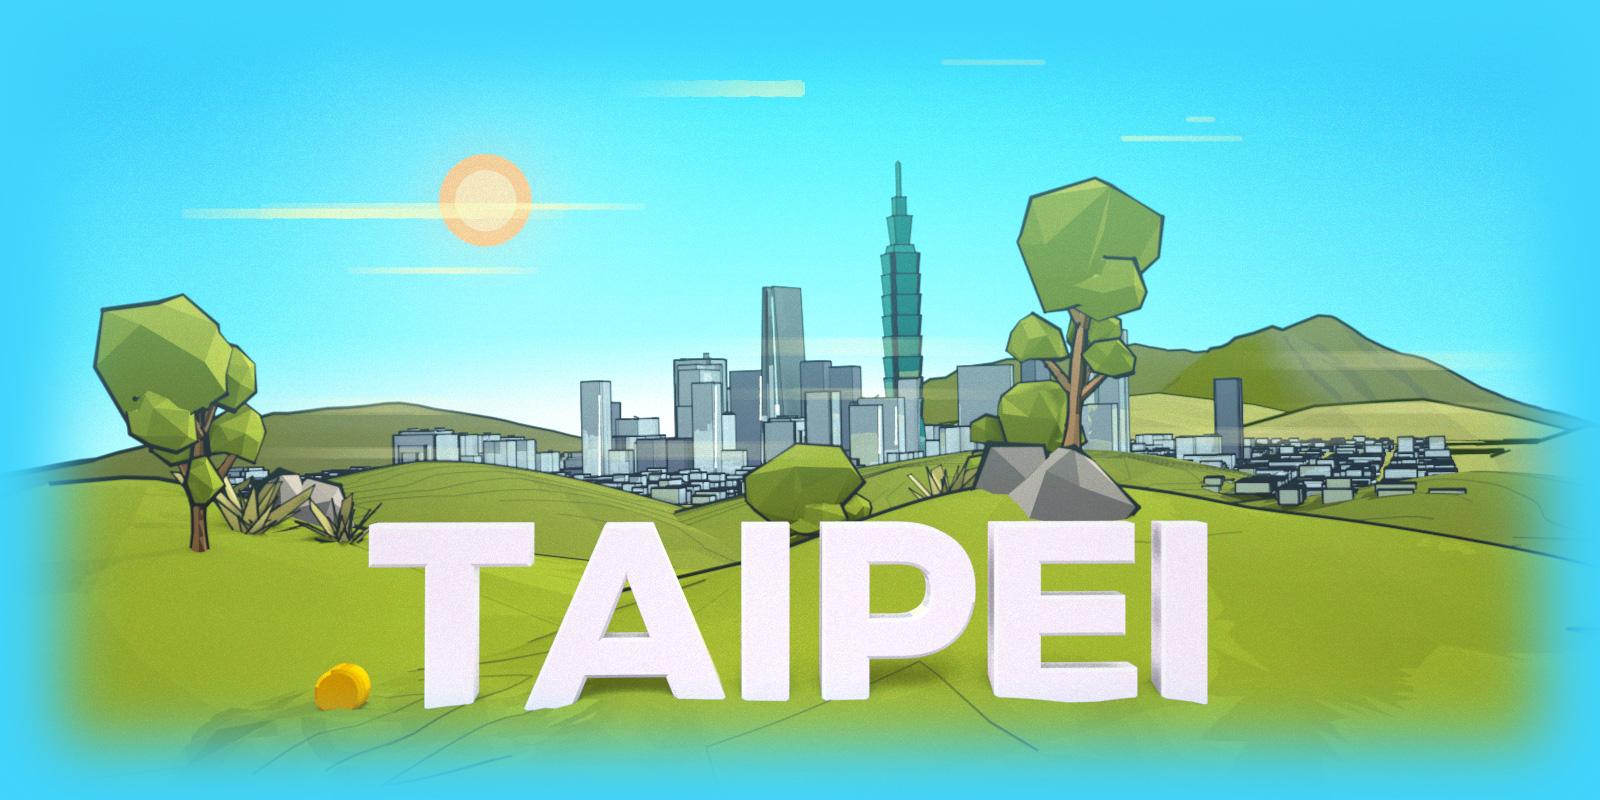 Summer vacation in .taipei?